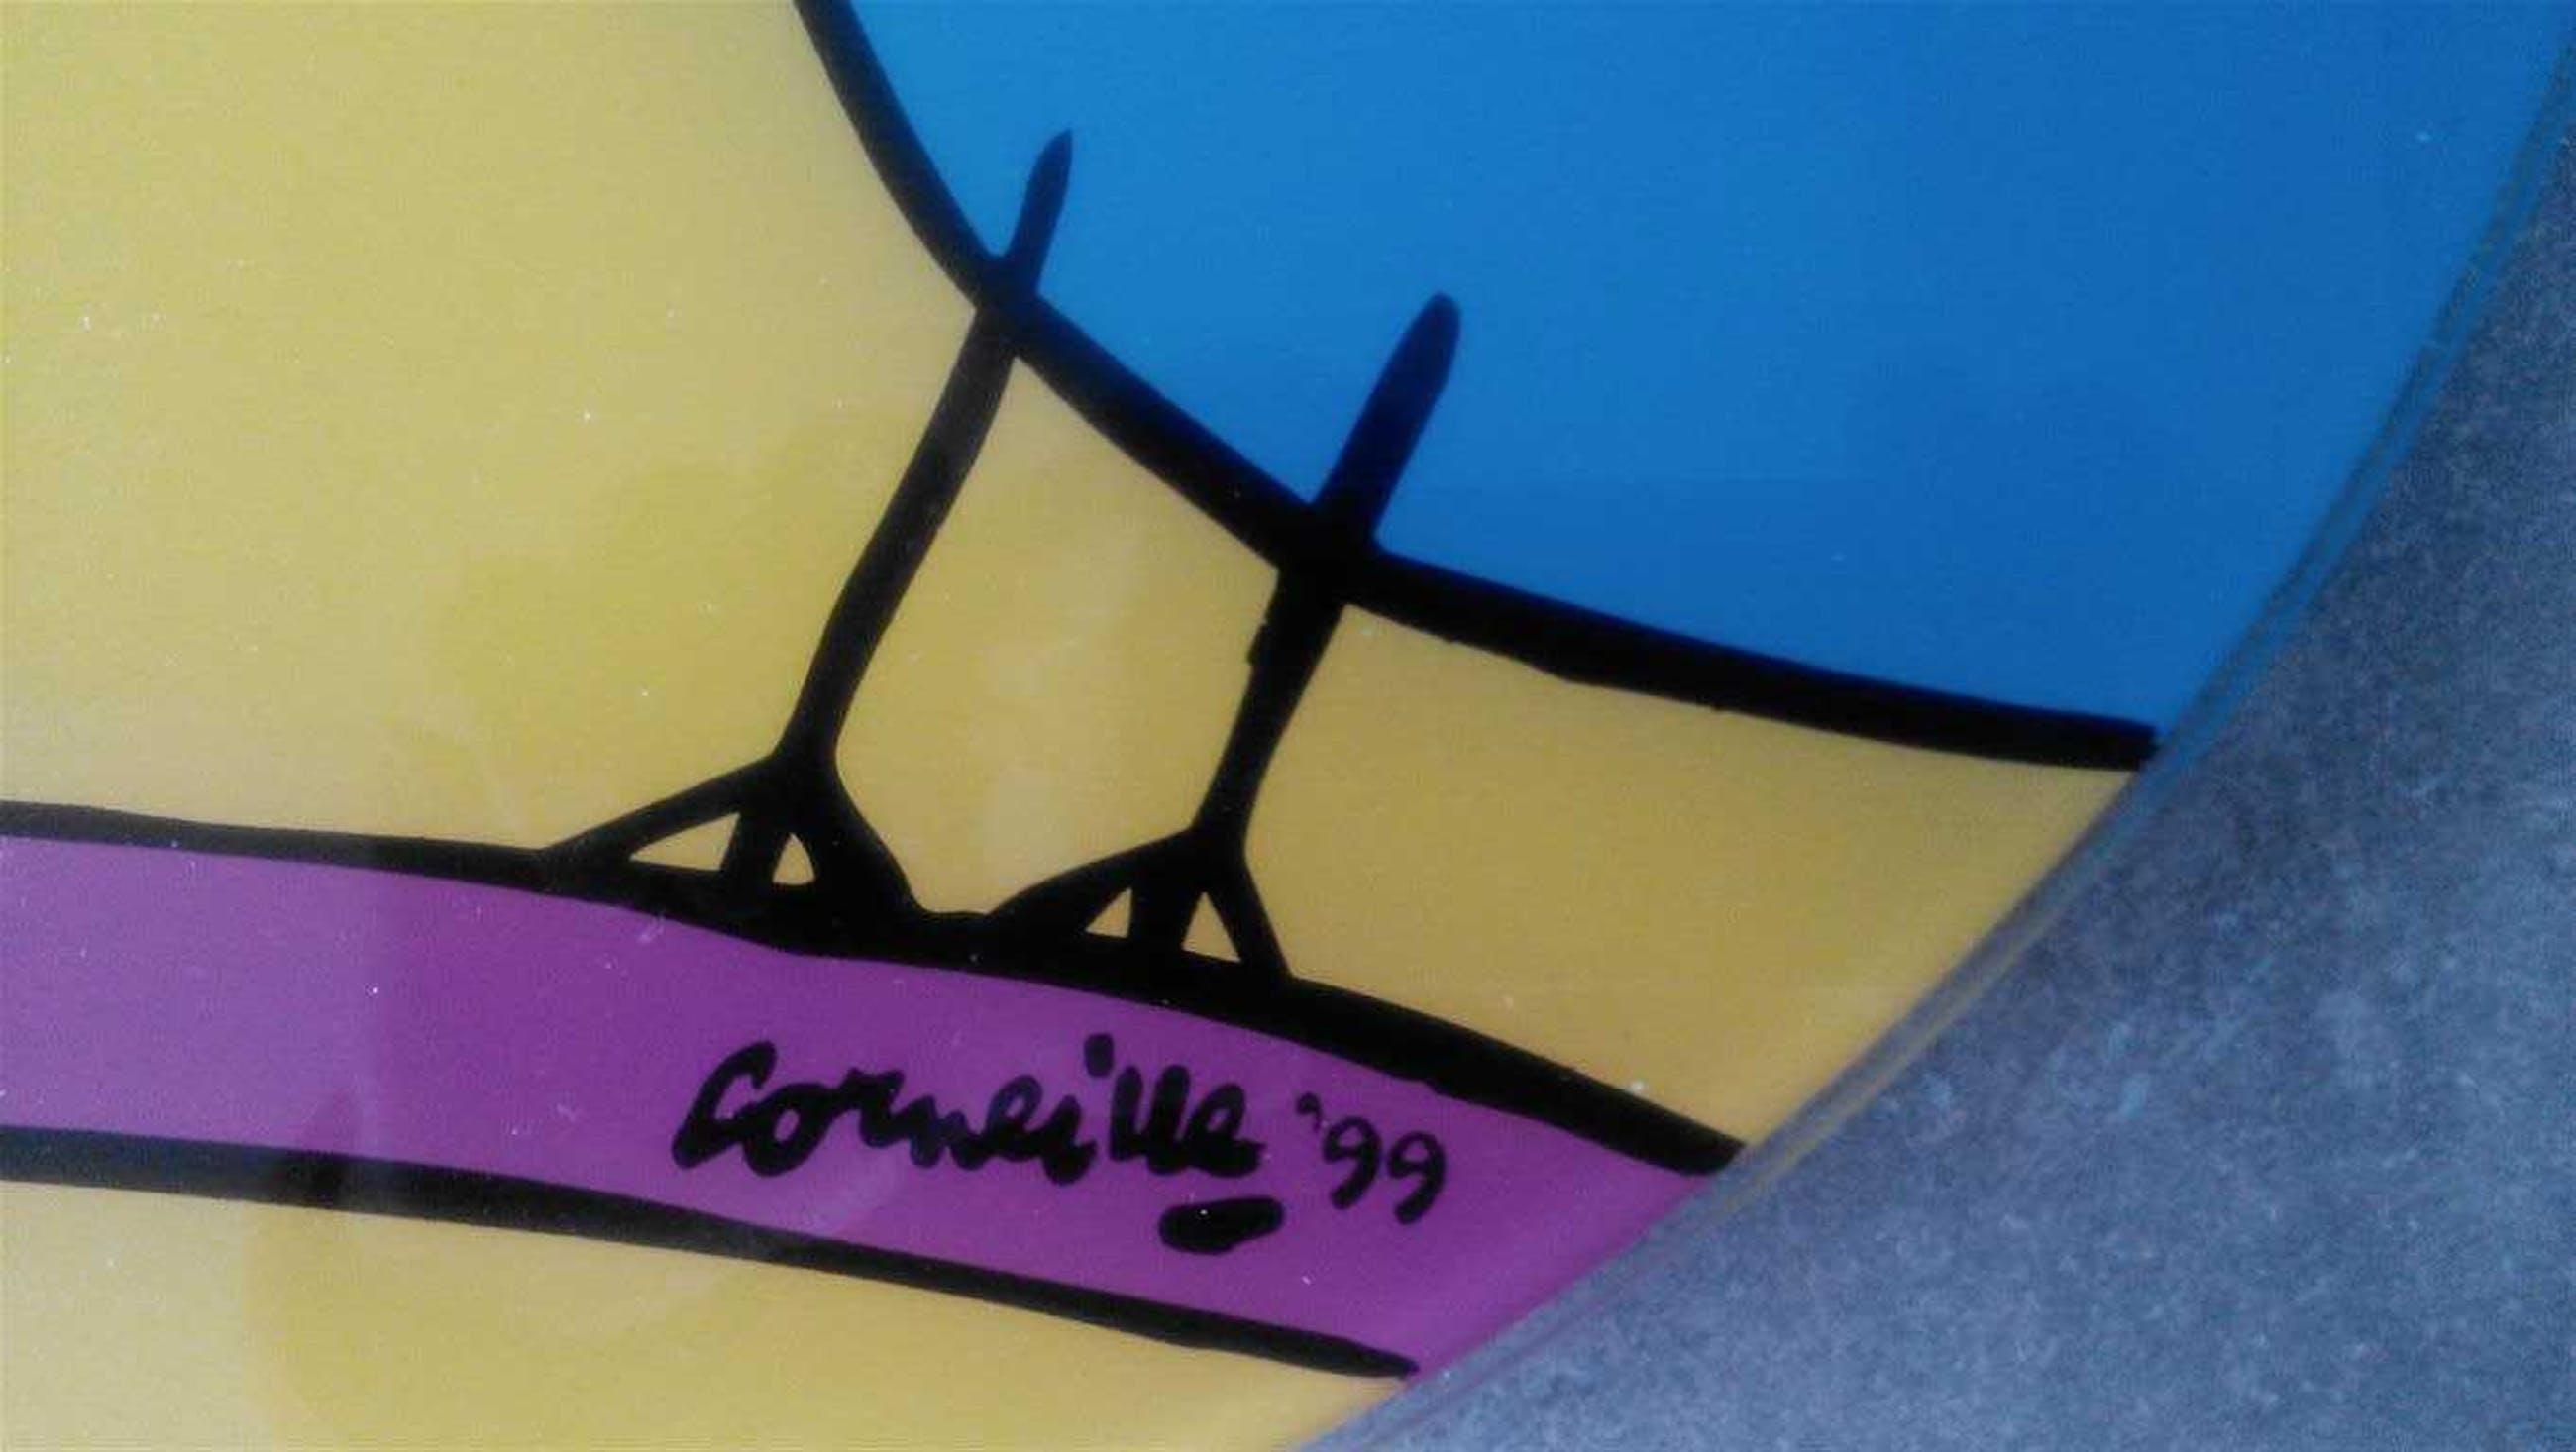 Corneille - Wandklok kopen? Bied vanaf 39!